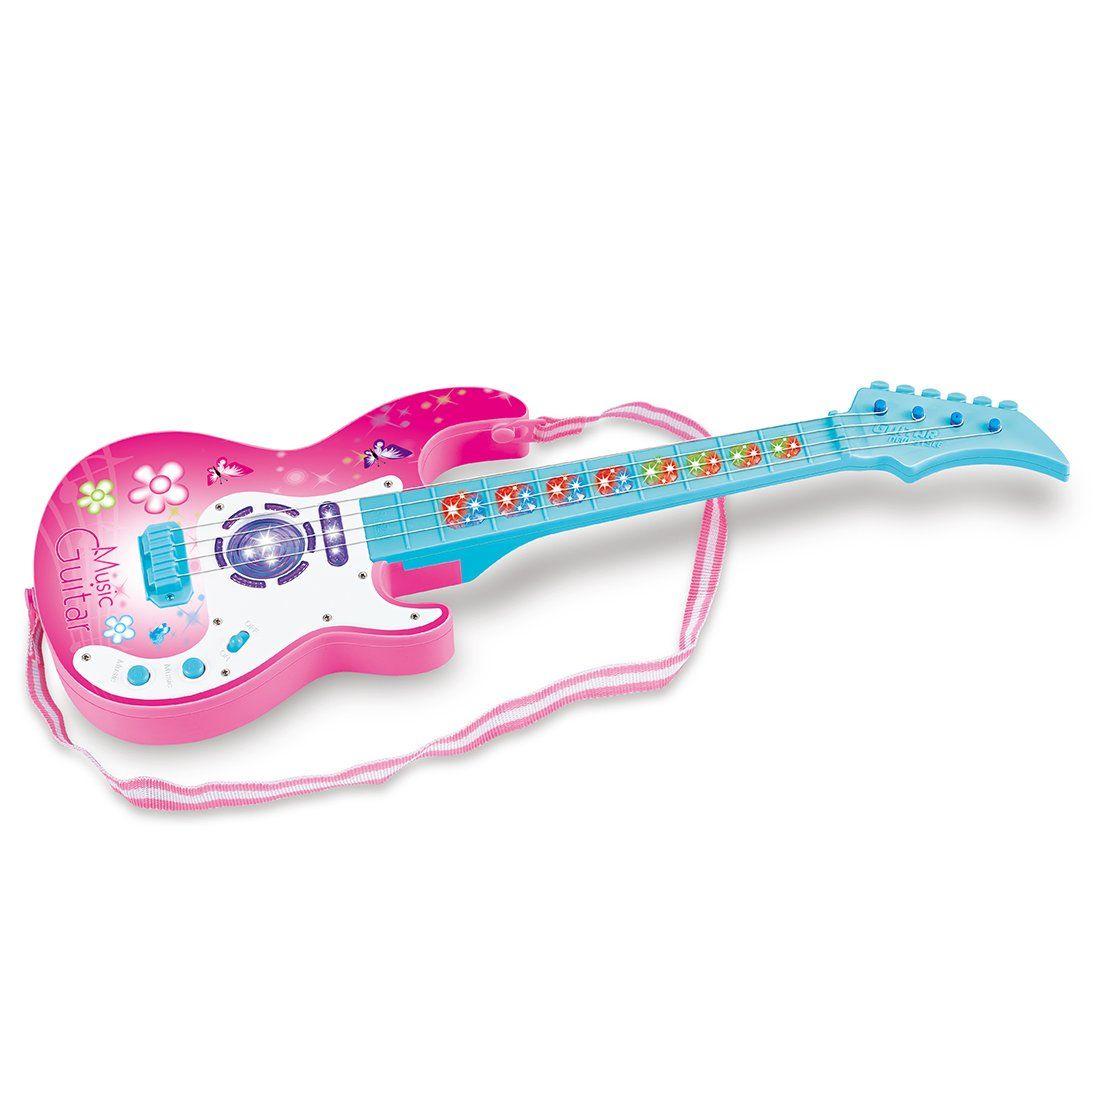 Der Spielzeugtester Hat Das Wolfbush 4 Saiten Music E Gitarre Kindergitarre Kinder Musikinstrumente Padagogisches Spielzeug In 2020 E Gitarre Gitarre Kinder Gitarre